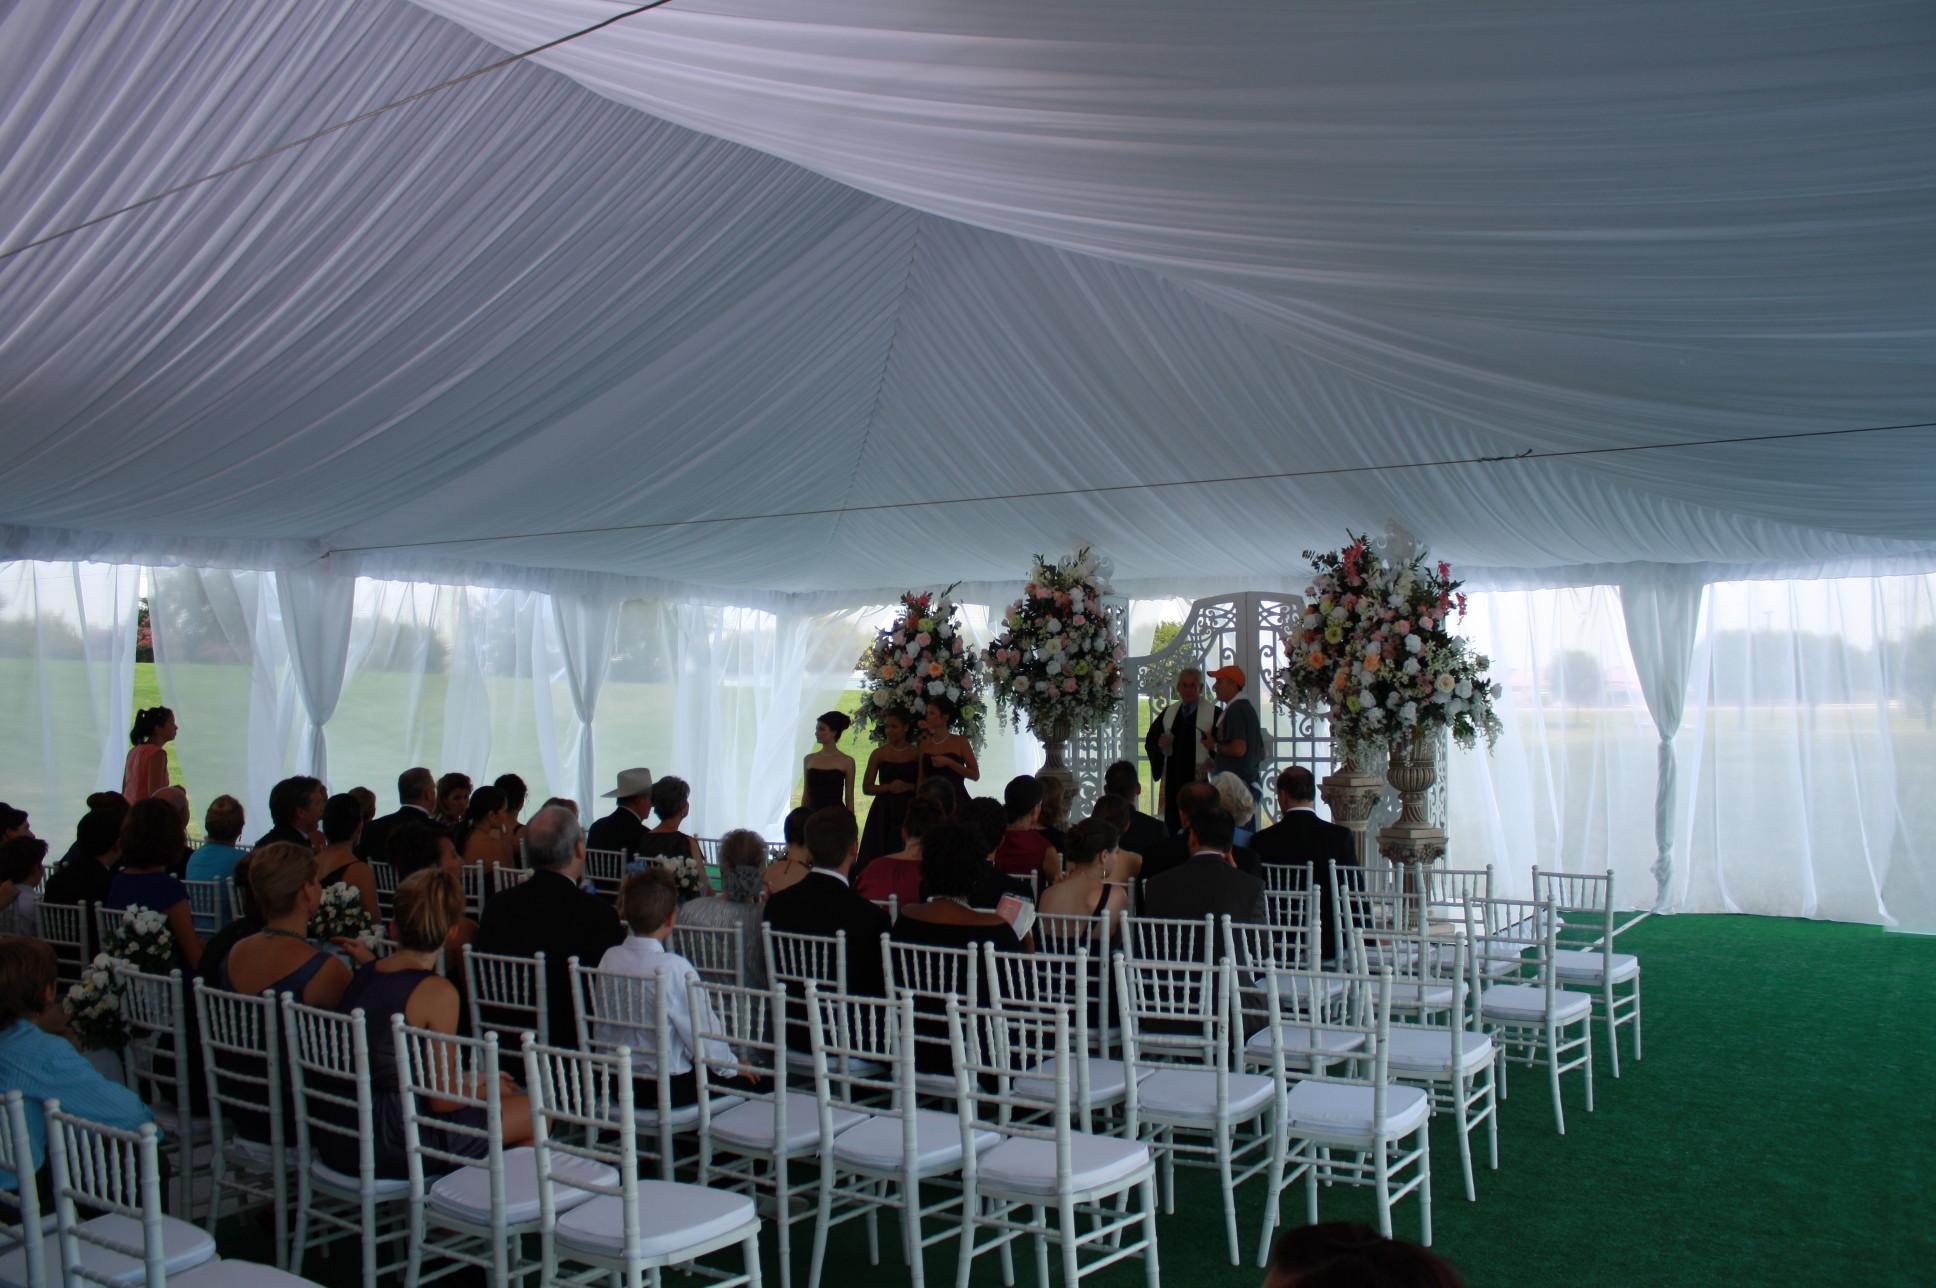 Elegant Wedding Ceremony Setup Inside Frame Tent